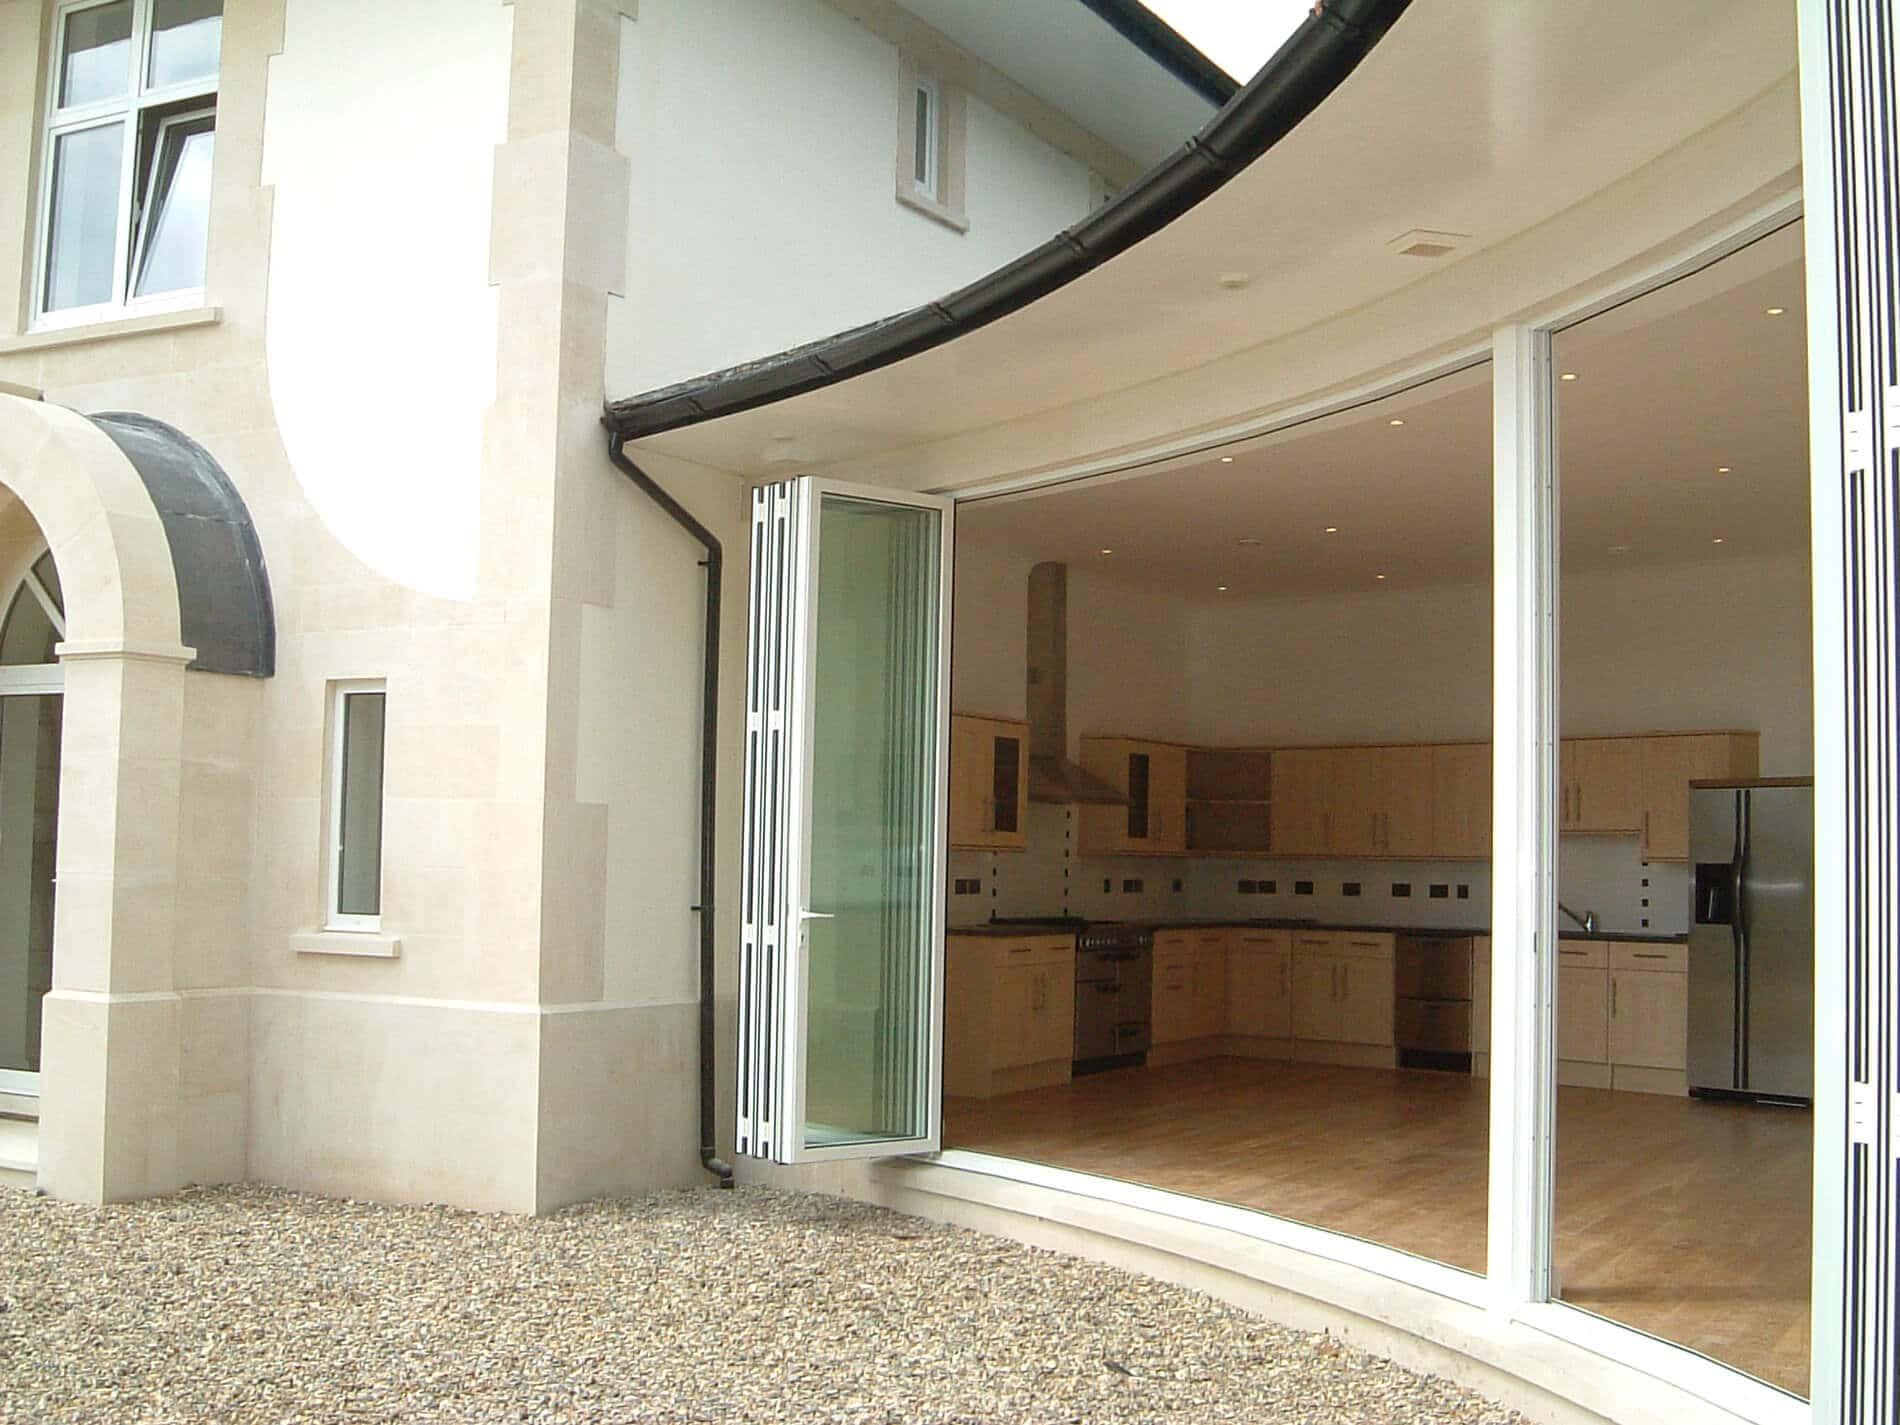 Falttüren Außenbereich weiß geöffnet